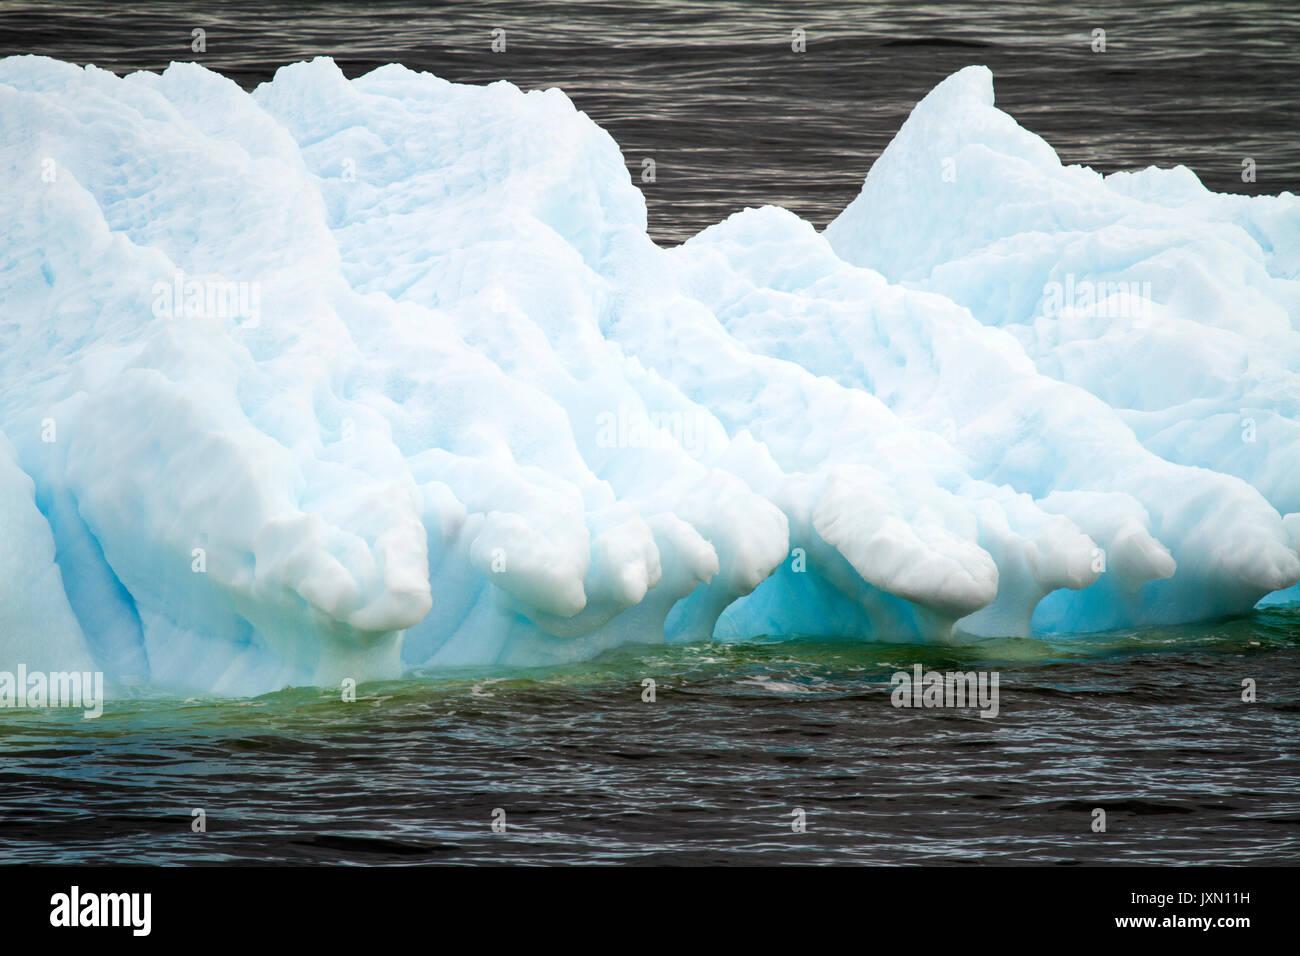 L'antarctique - La glace flottante - Réchauffement climatique Photo Stock